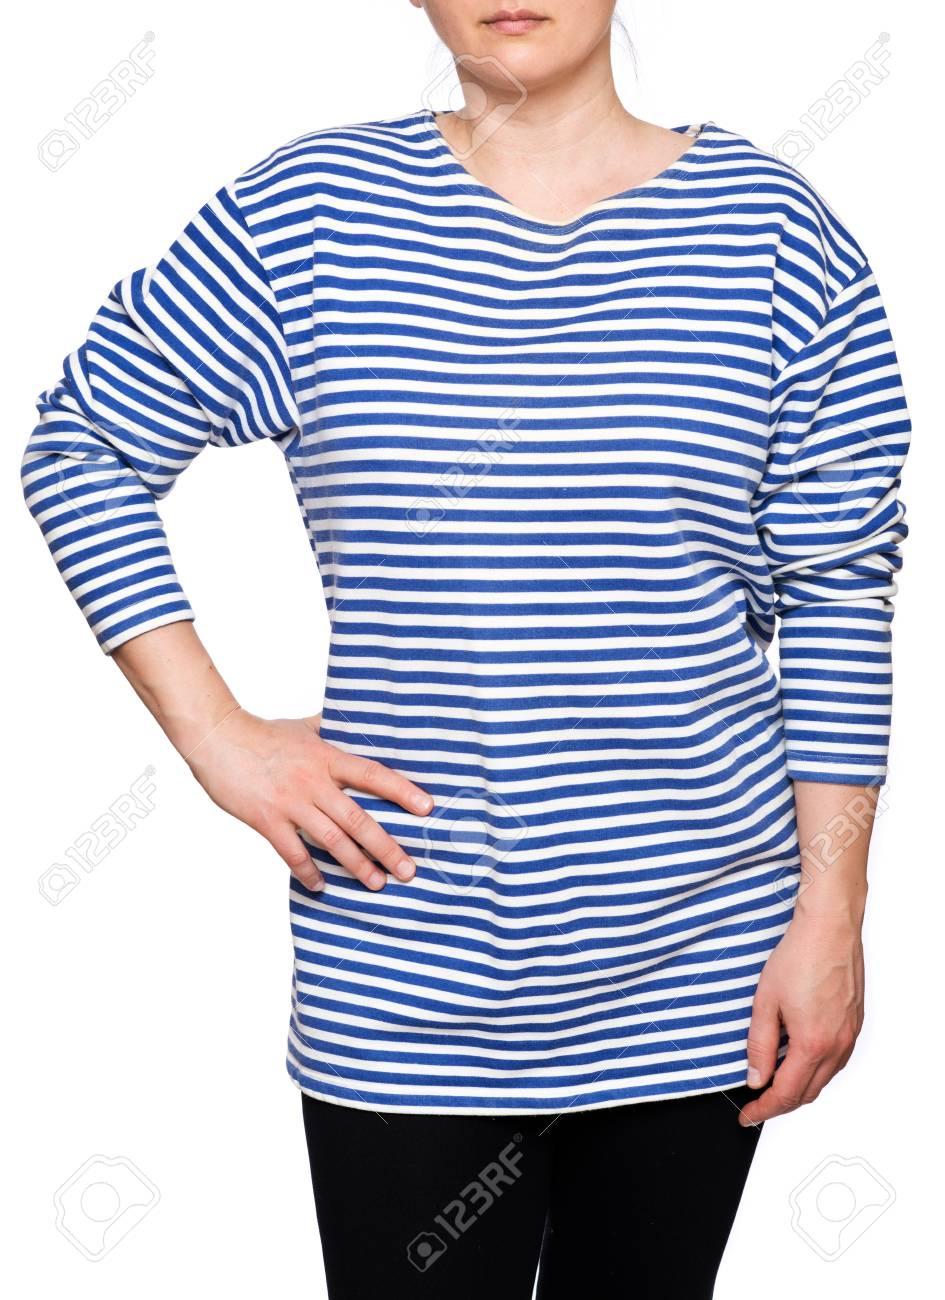 c22bc799c4ab Banque d images - Jeune femme porte une chemise rayée bleu marine à manches  longues telnyashka russe isolé sur fond blanc